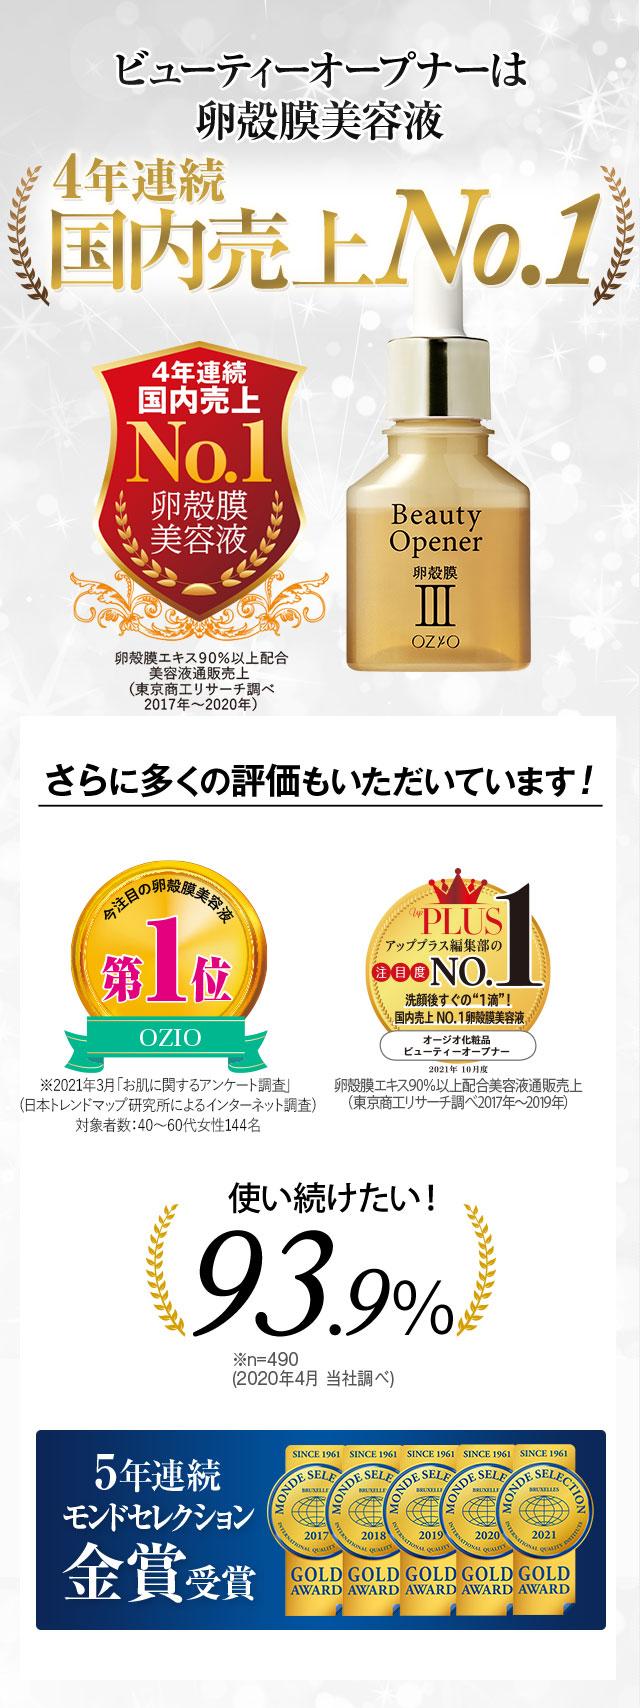 ビューティーオープナーは国内売上No.1